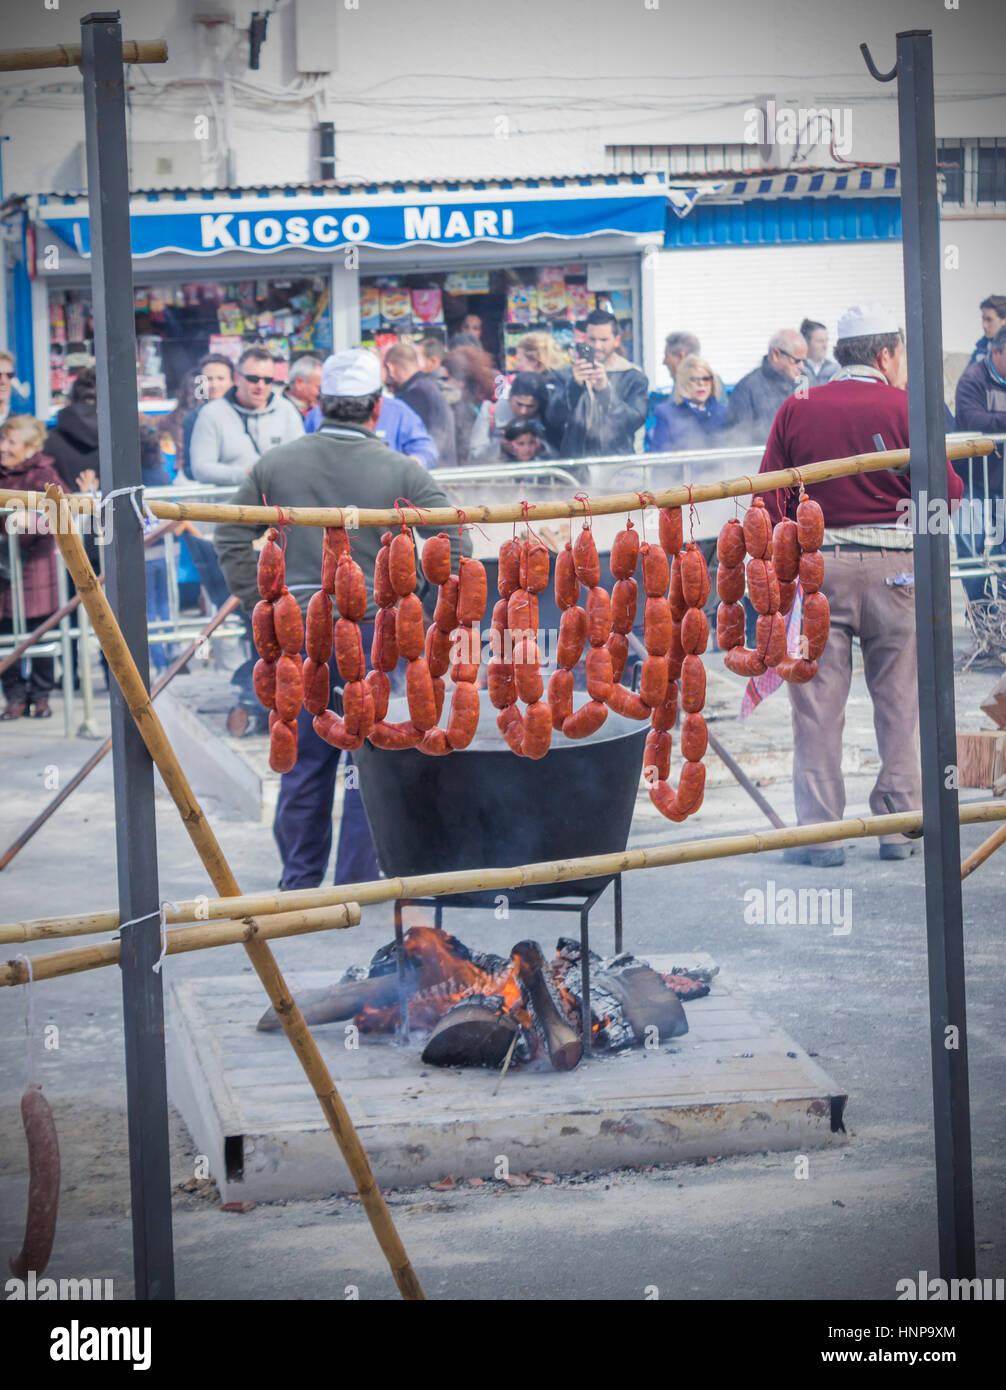 Ardales, Provinz Malaga, Andalusien, Spanien. Die jährliche Dia De La Matanza oder Festival der Schlachtung. Stockbild